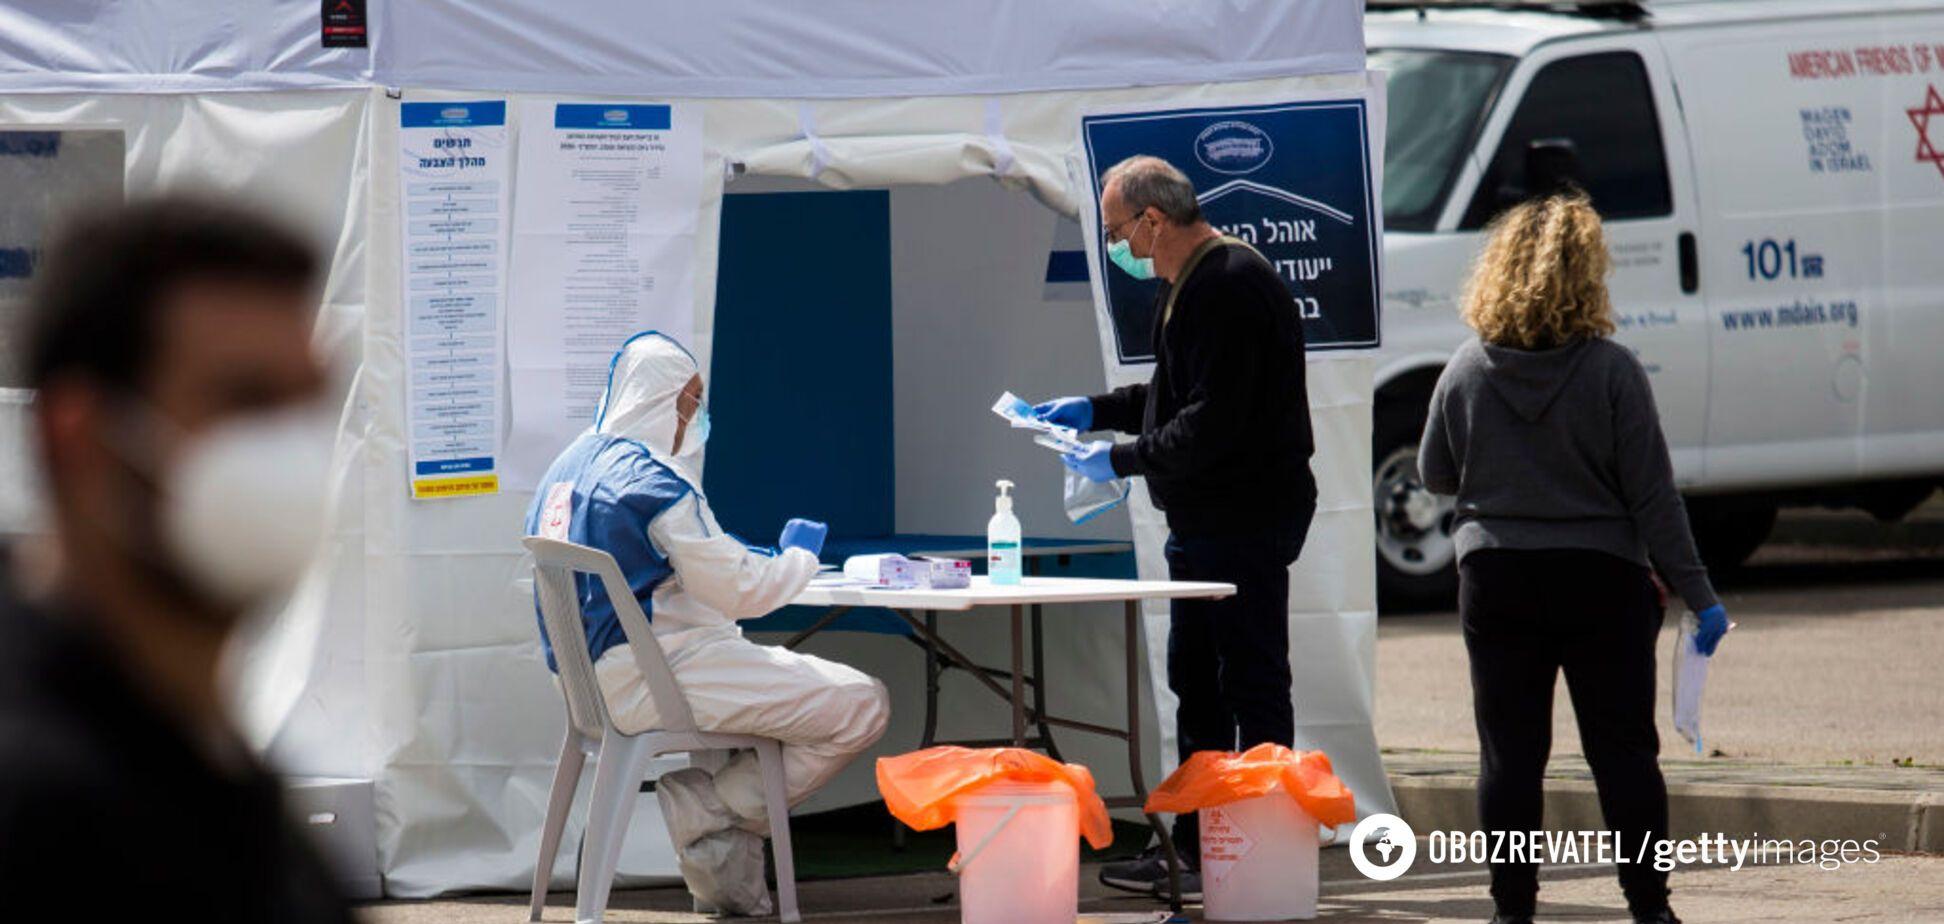 Израиль ввел чрезвычайное положение из-за коронавируса